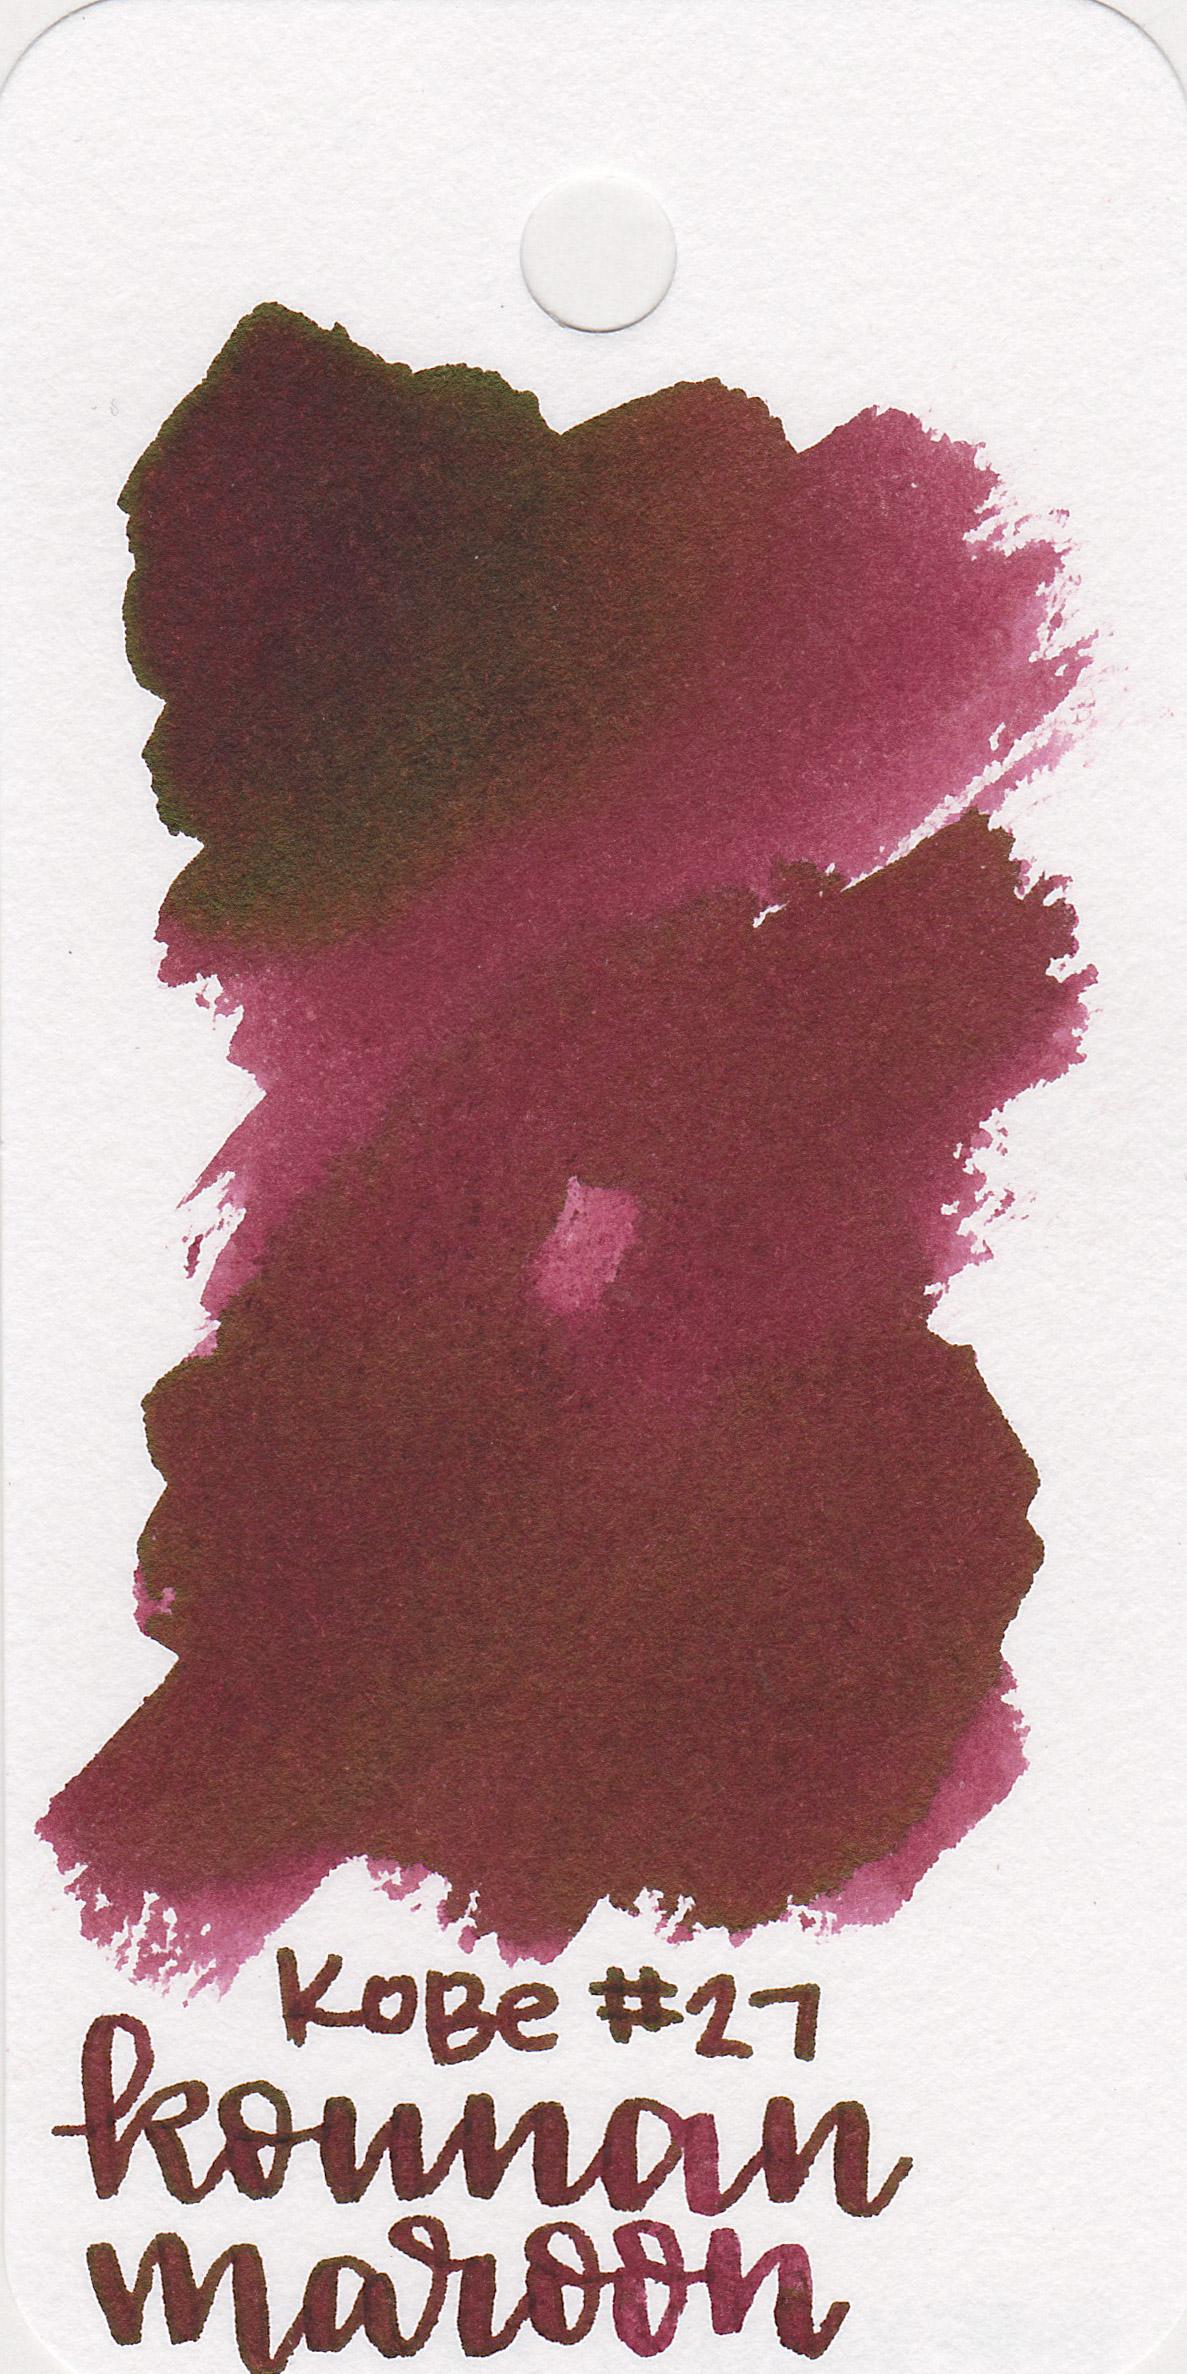 nk-kounan-maroon-1.jpg